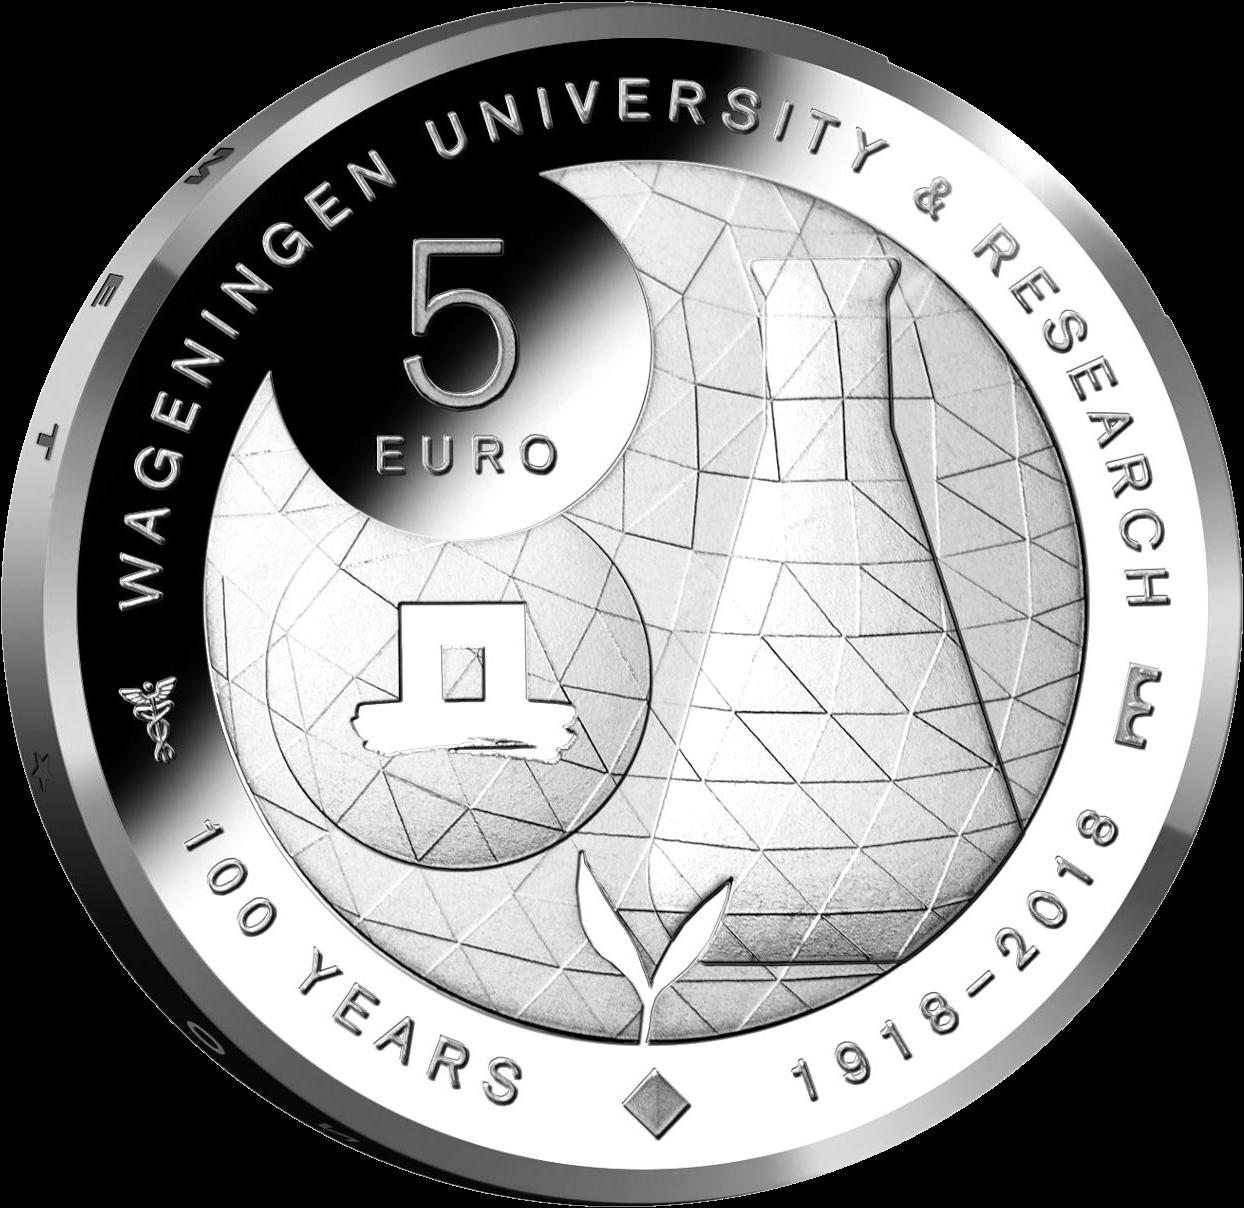 Нидерланды монета 5 евро 100-летие Университета Вагенингена, реверс